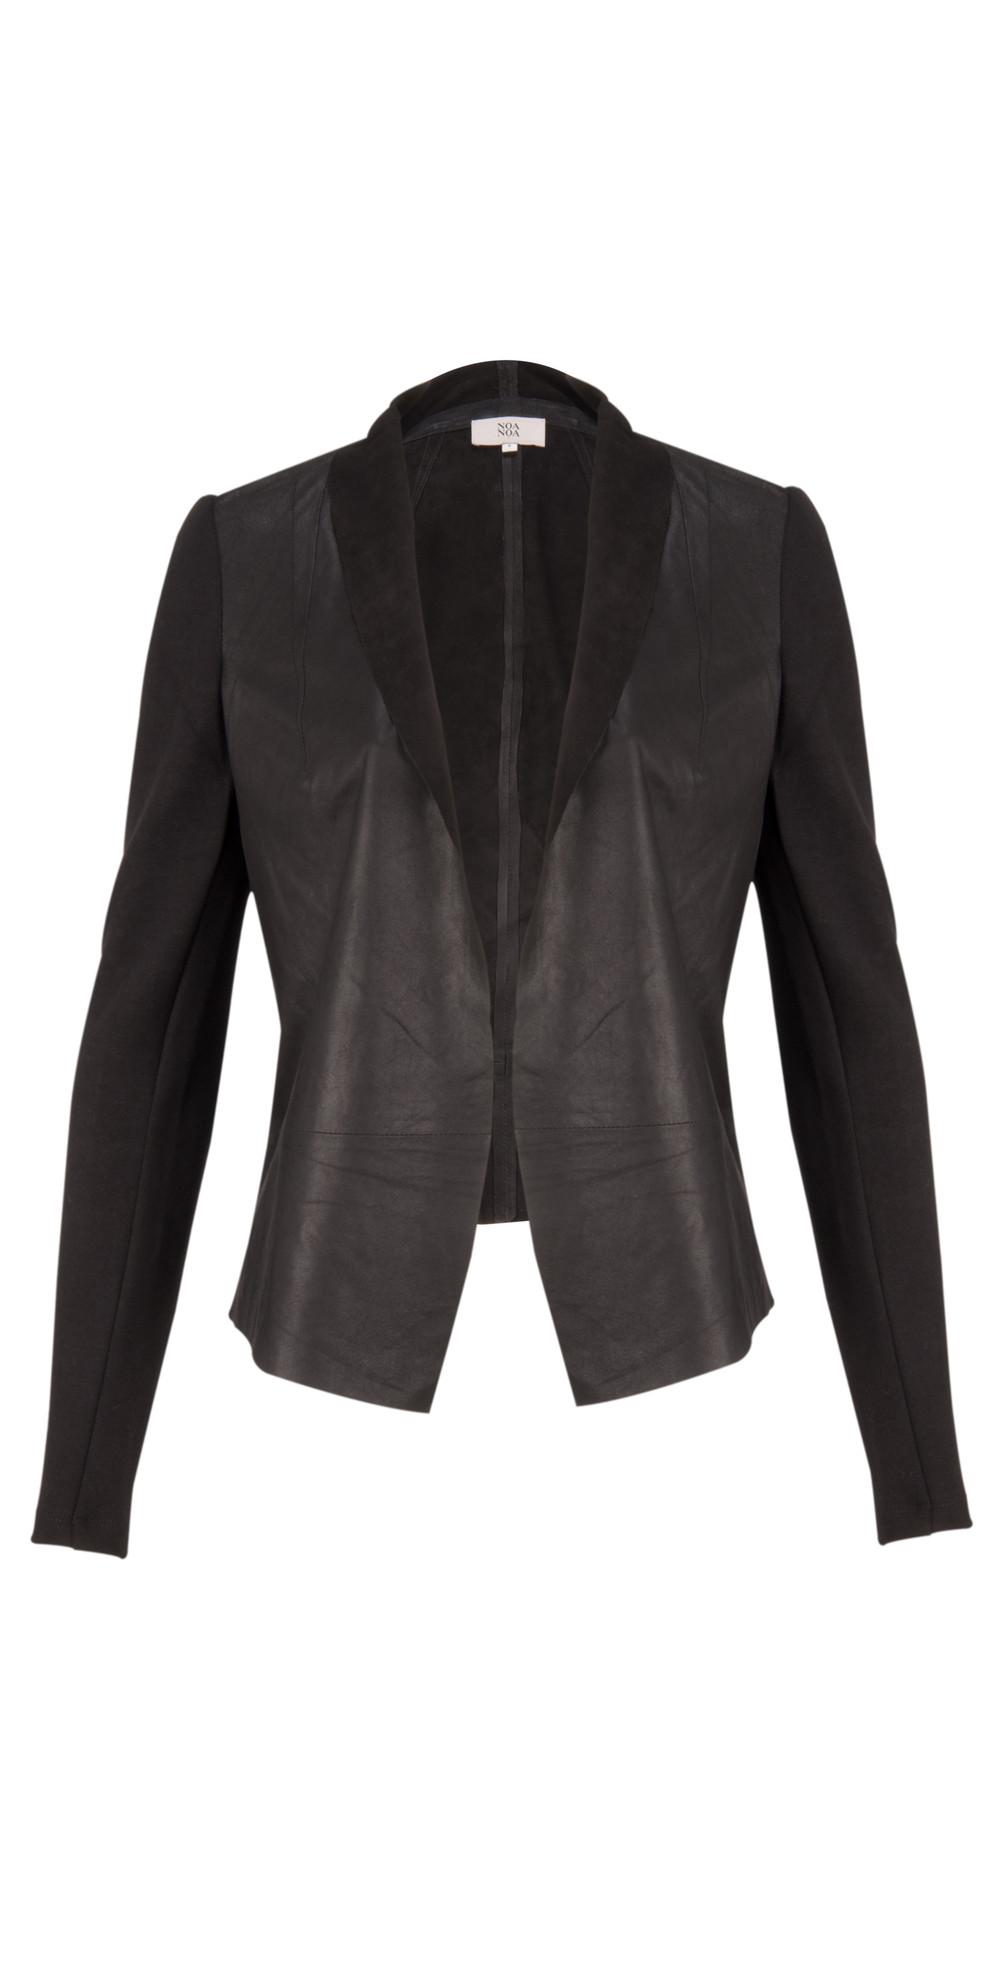 Atelier leather jacket